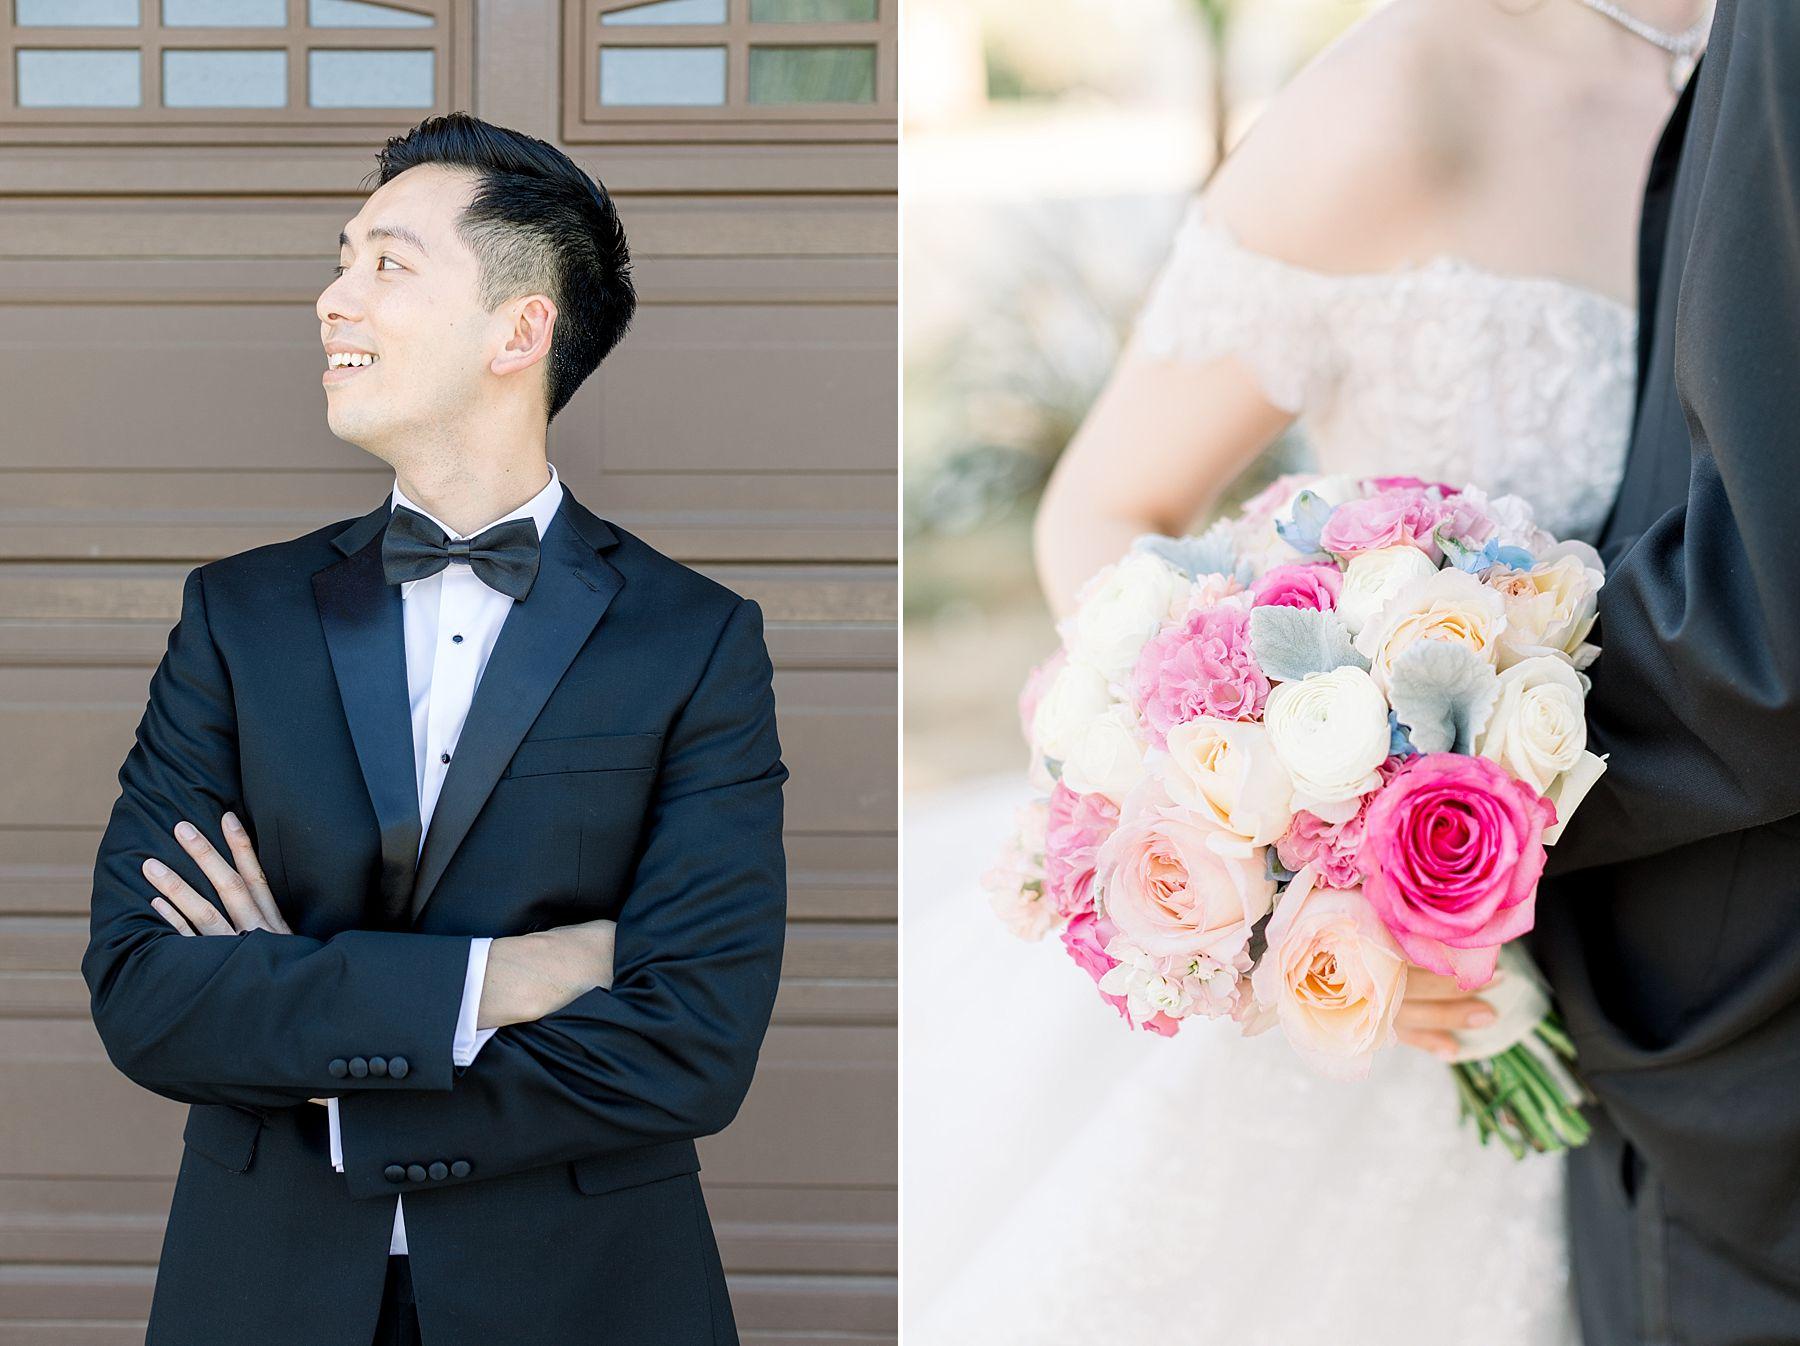 Newberry Estate Vineyards Wedding - Ashley Baumgartner - Jasmine and Johhny - Bay Area Wedding Photographer - Sacramento Wedding Photographer_0017.jpg